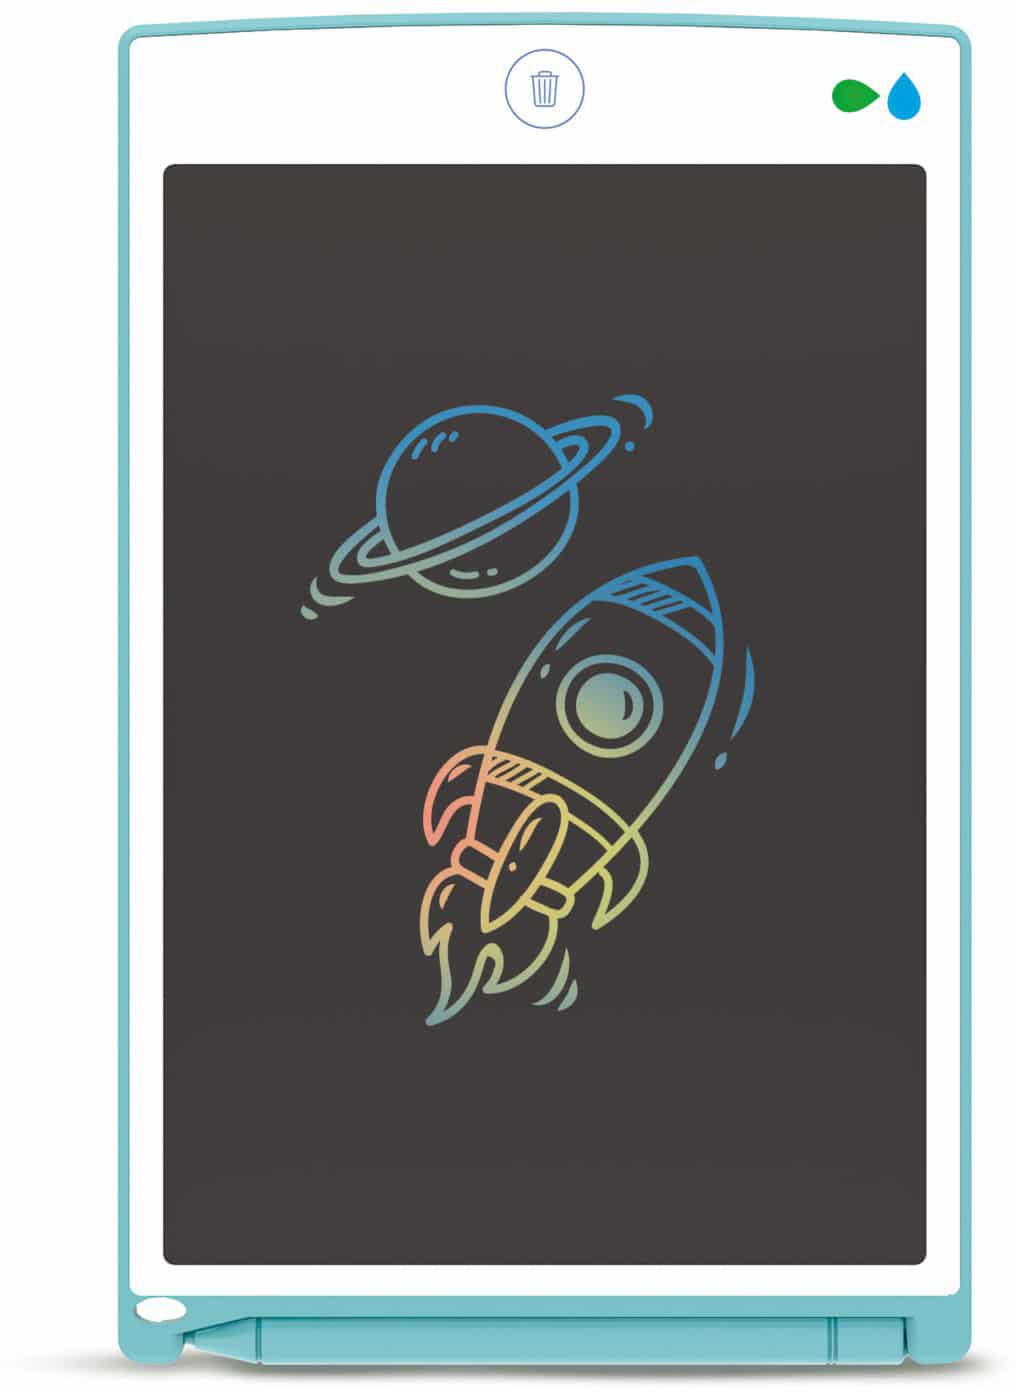 Купить планшет для рисования Назад к истокам Pic-Pad Rainbow PPBLUE (Blue), цены в Москве на goods.ru